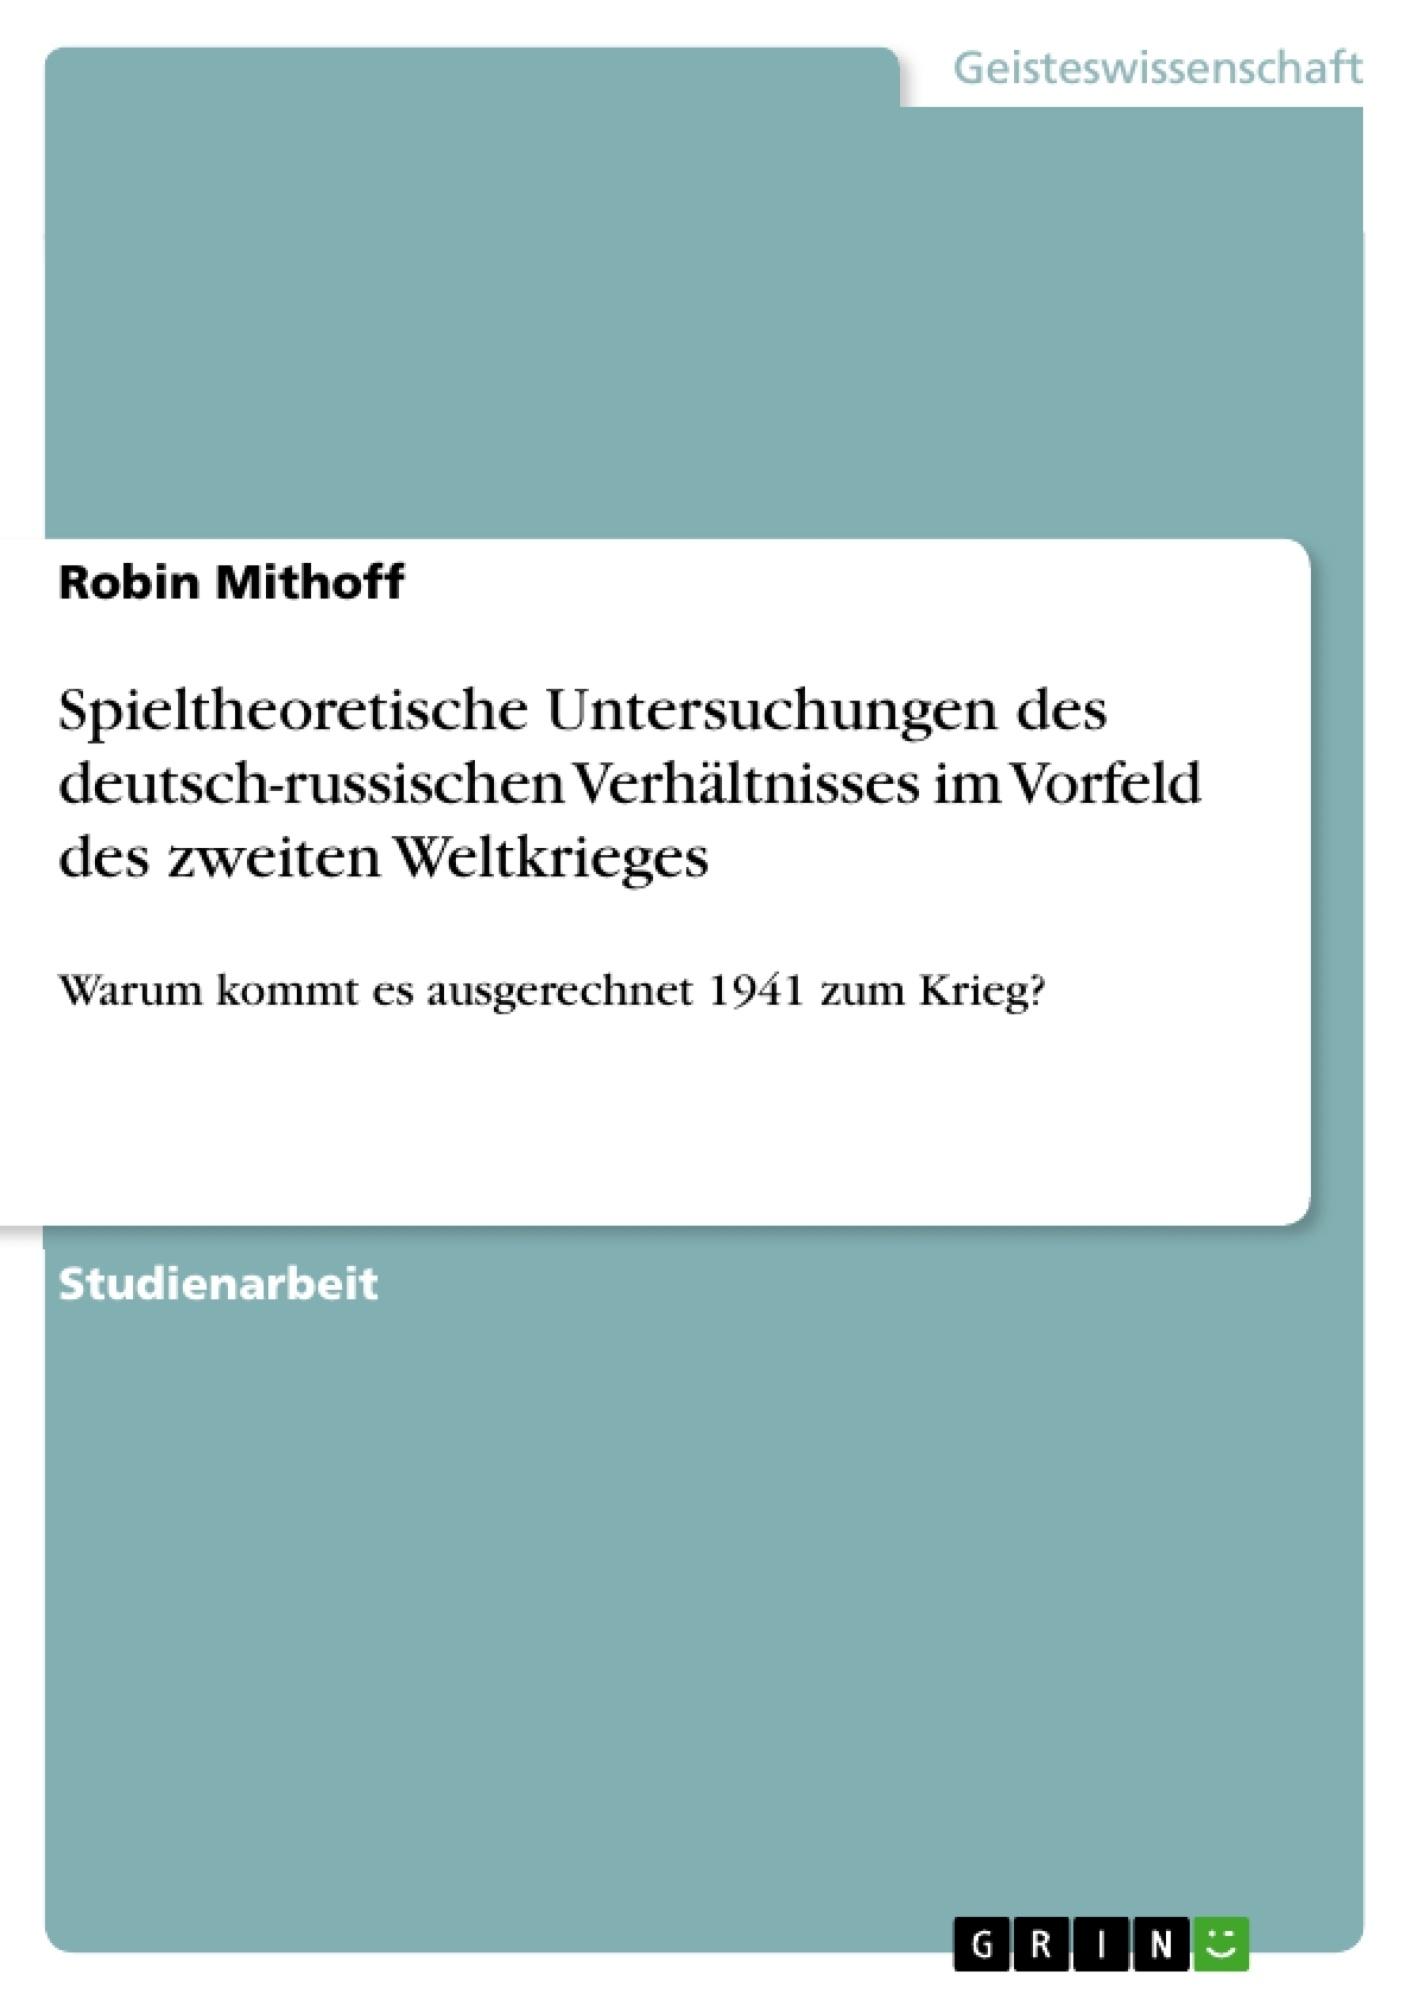 Titel: Spieltheoretische Untersuchungen des deutsch-russischen Verhältnisses im Vorfeld des zweiten Weltkrieges